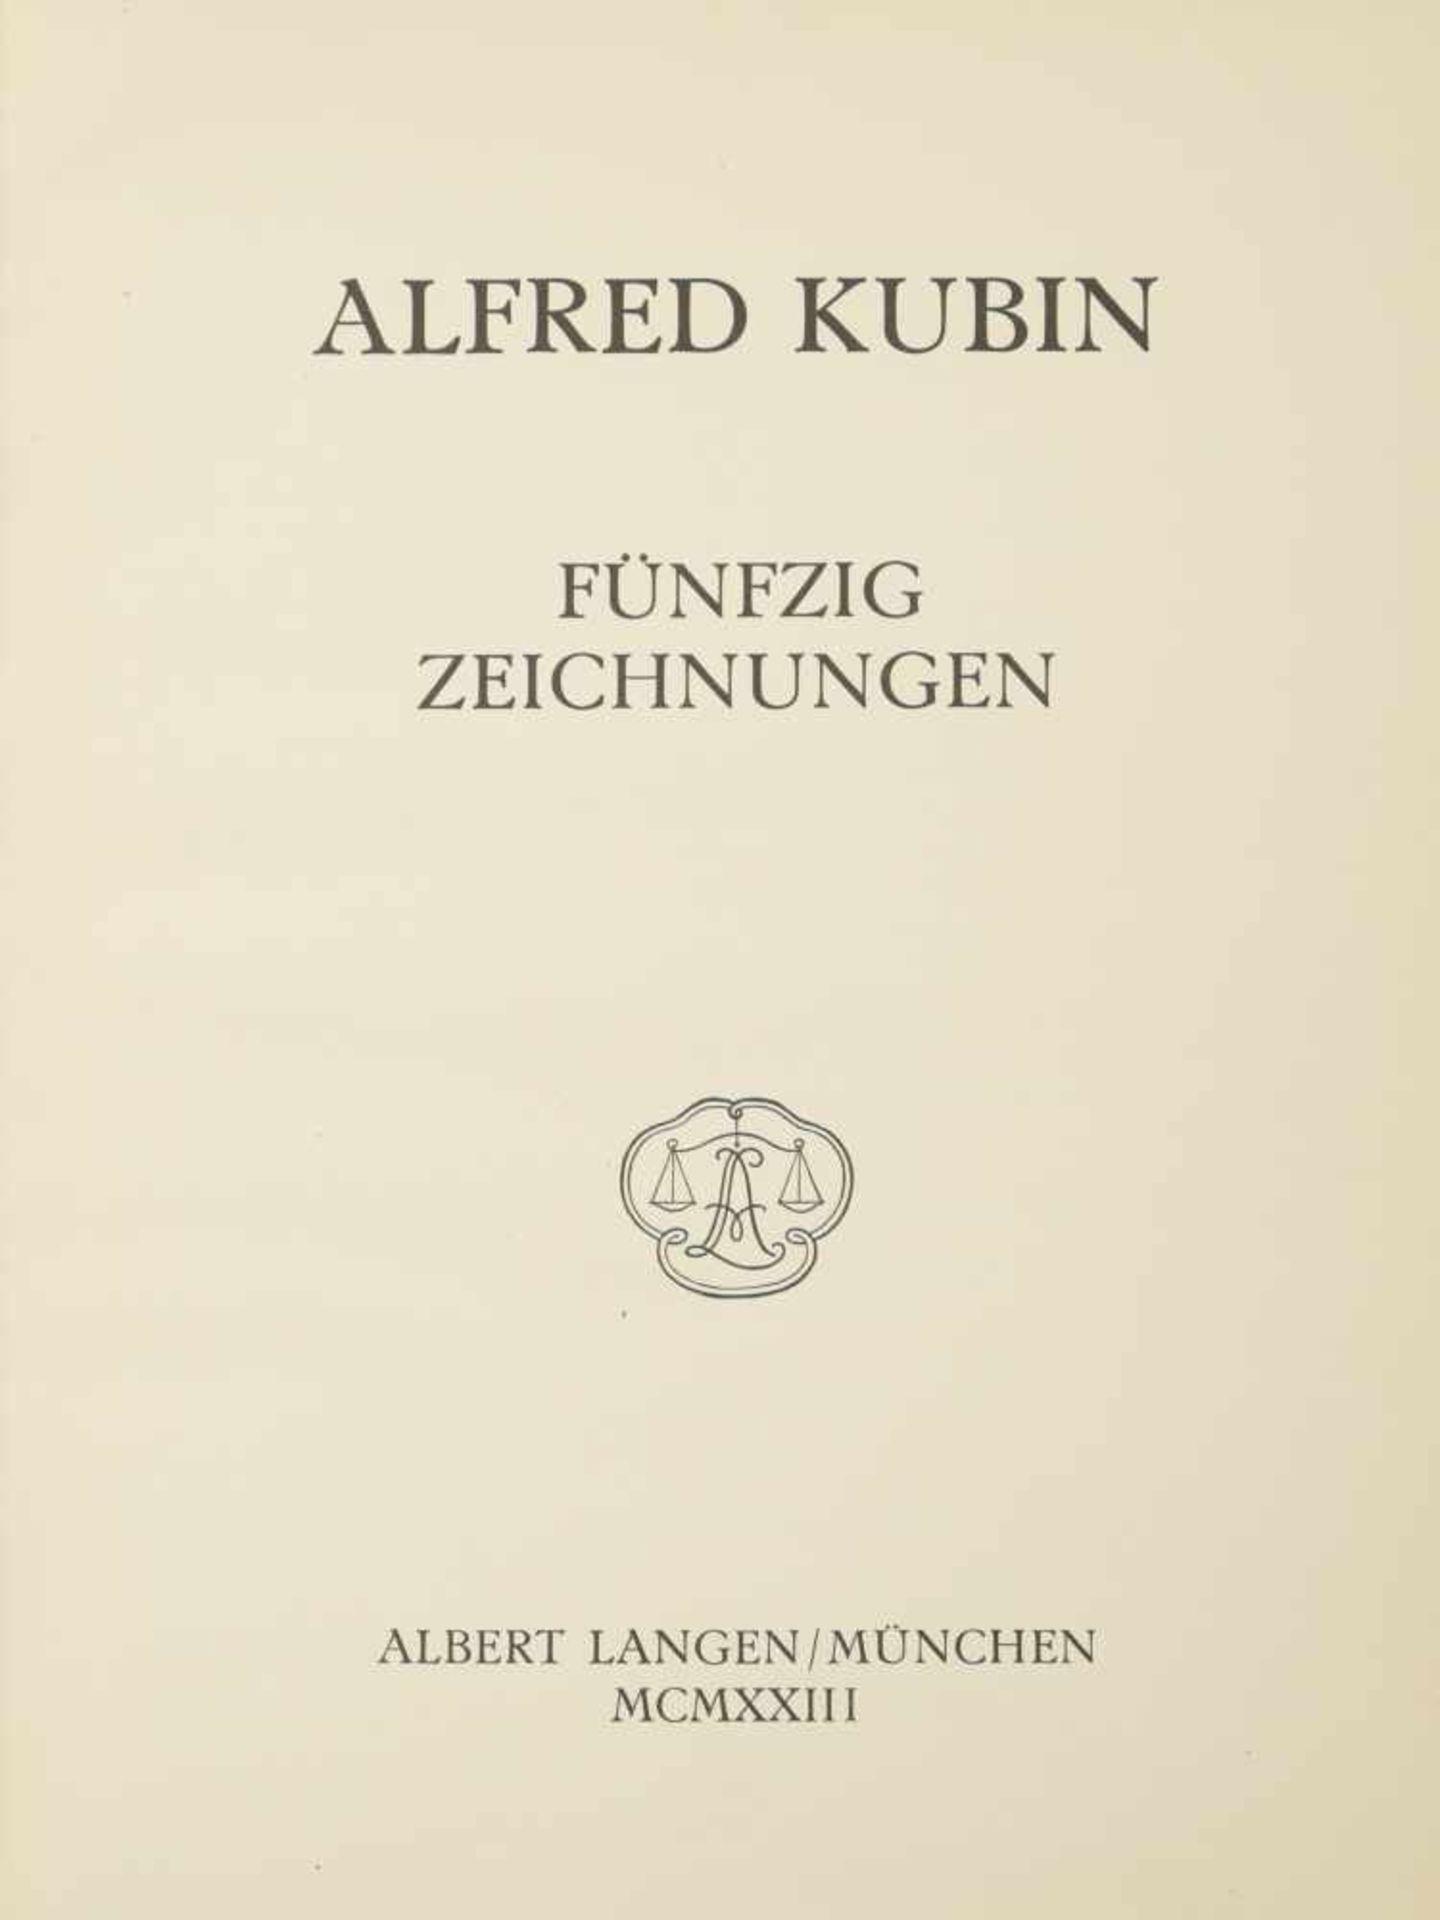 Los 54 - Kubin, Alfred (1877-1959) - Album 50 Zeichnungen 1923Verlag bei Albert Langen, München.